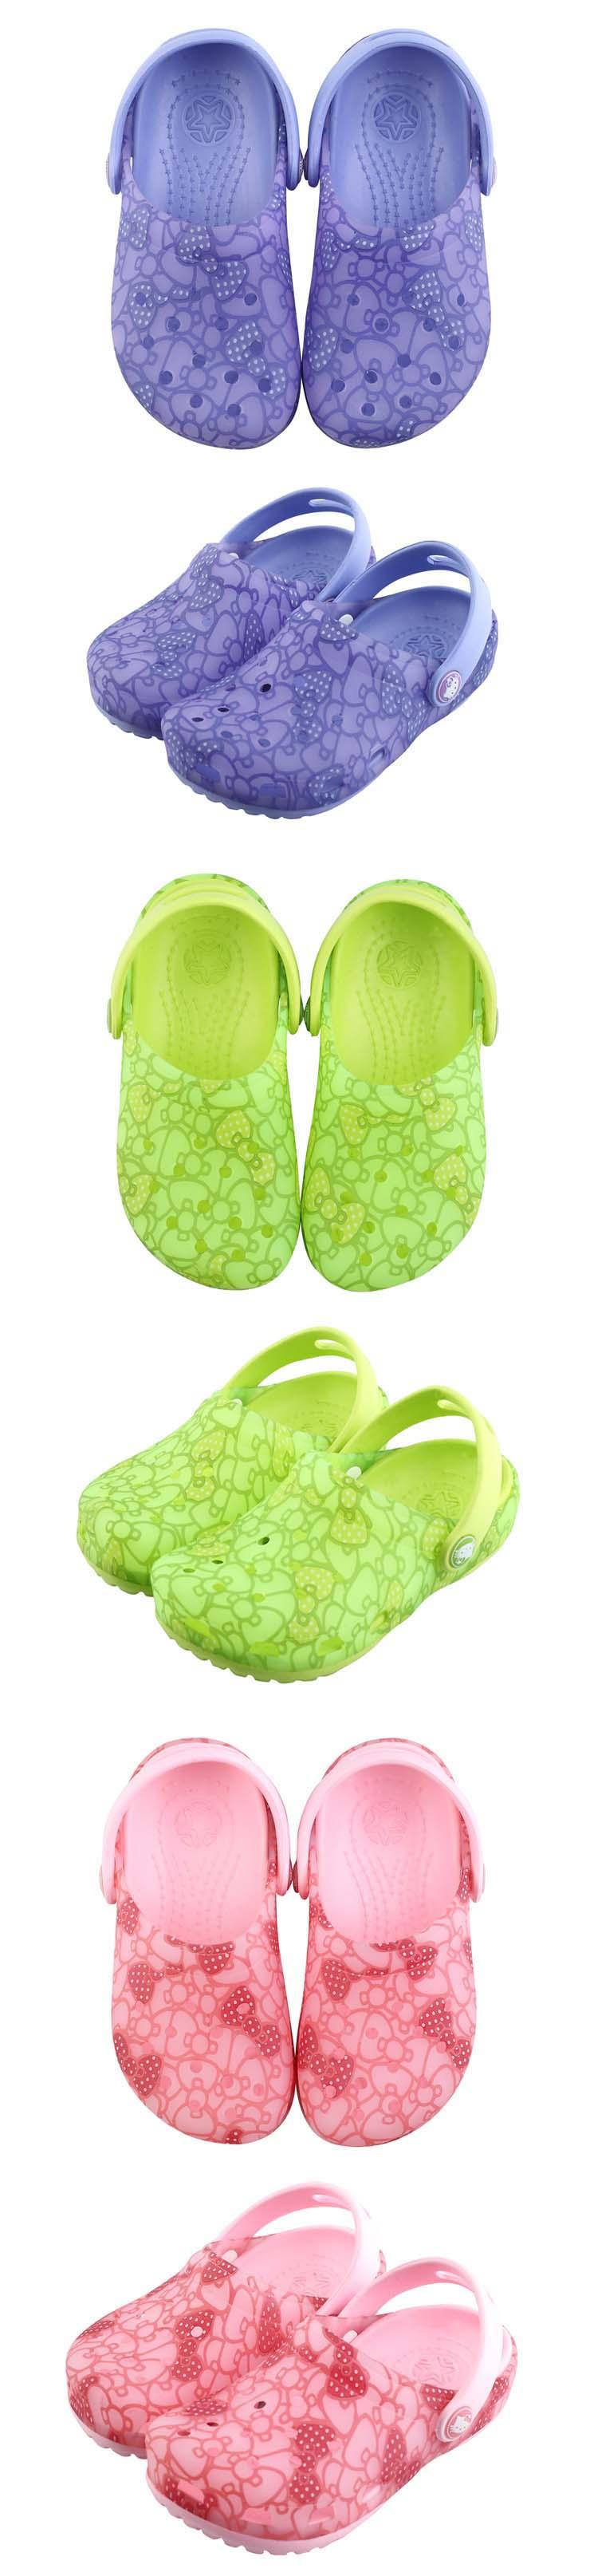 最新款hello kitty可爱夏季pvc防滑亲子果冻鞋